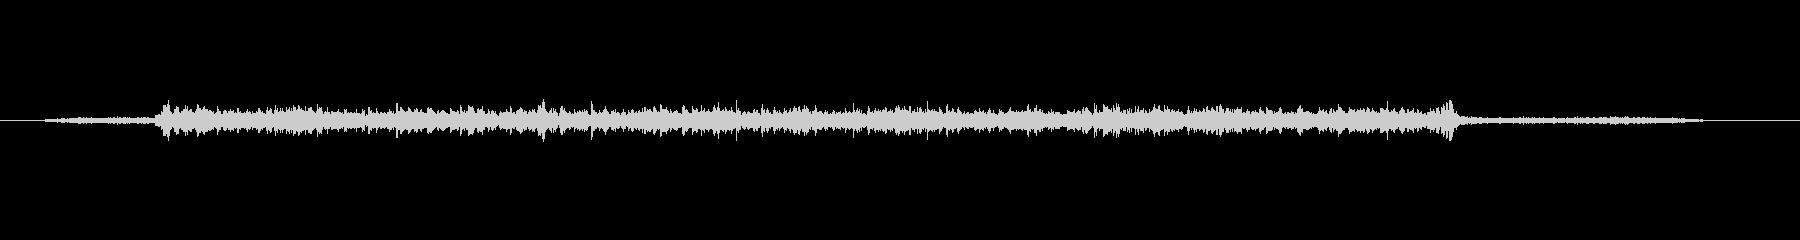 コンクリートミキサー-on_off...の未再生の波形